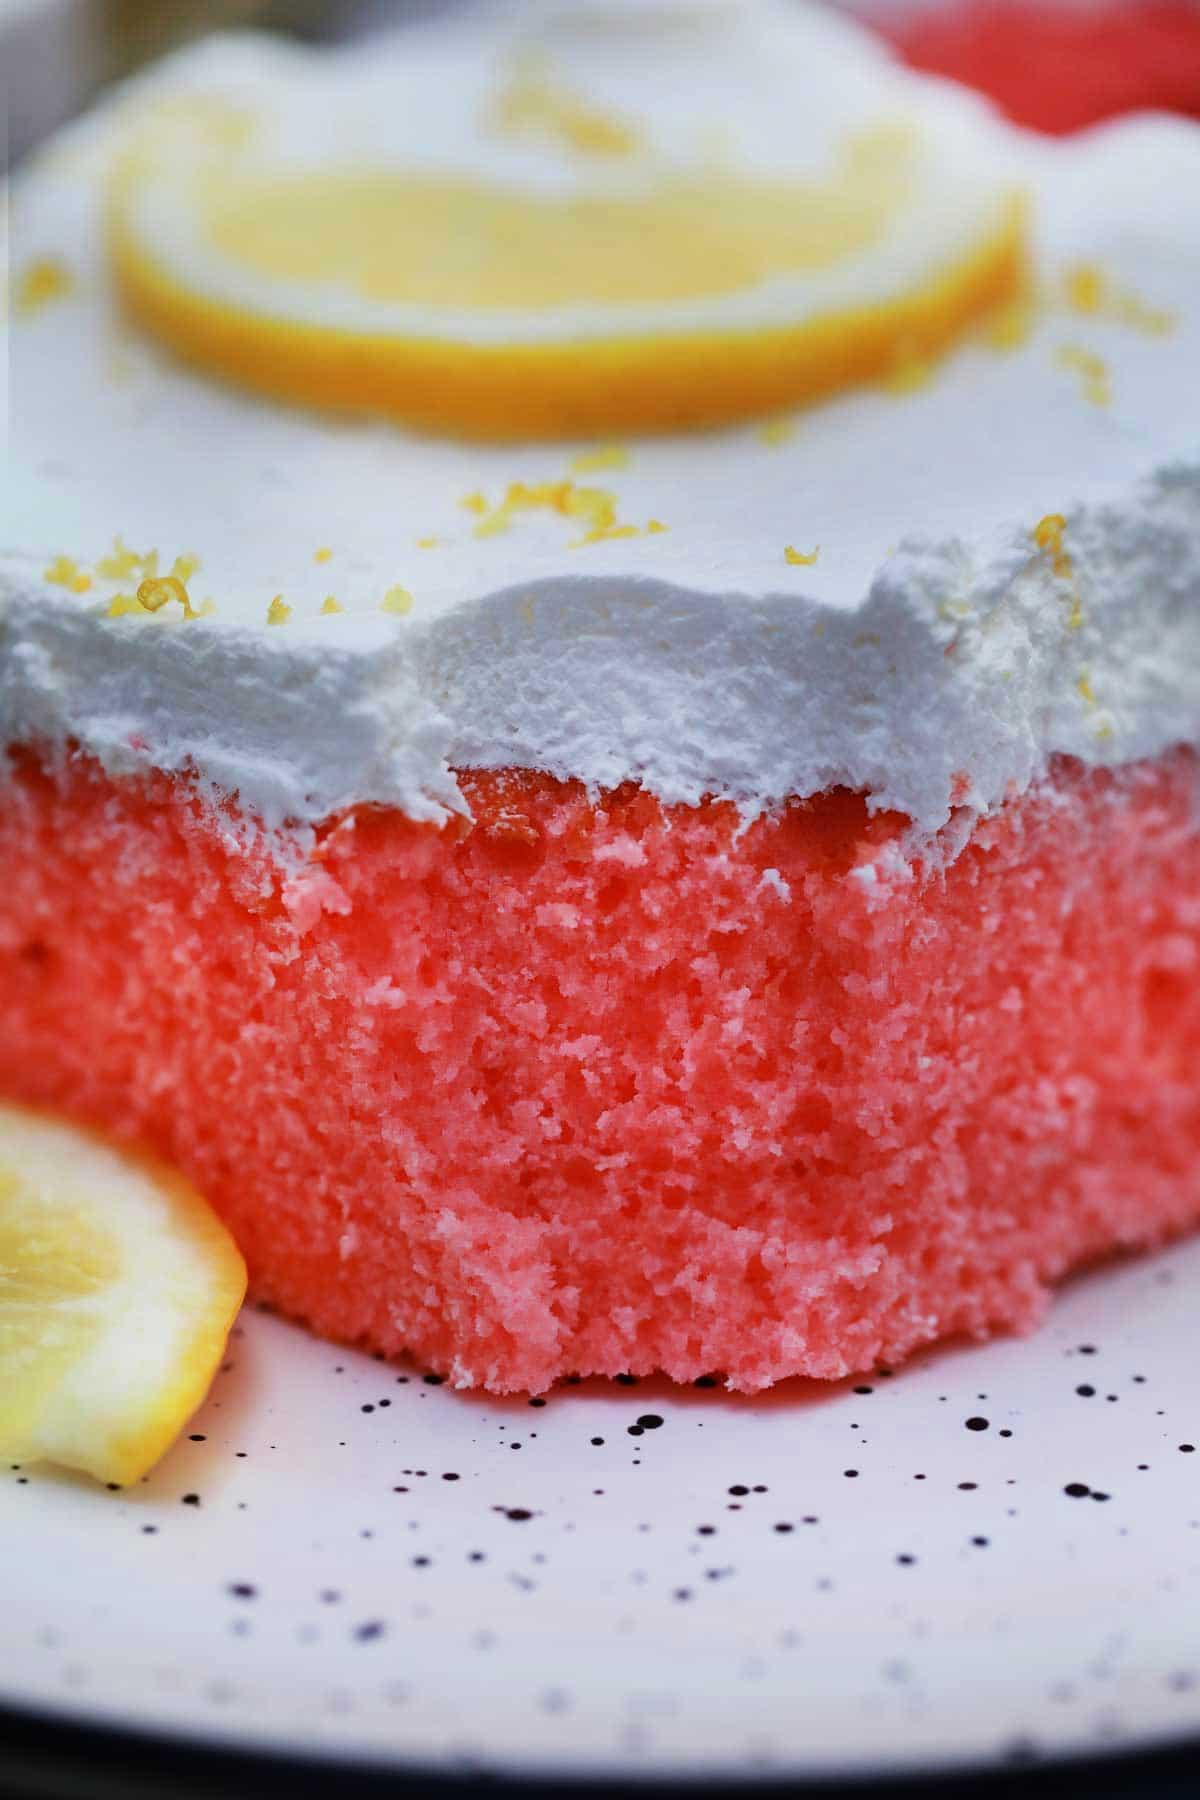 Slice of pink lemonade cake on white plate